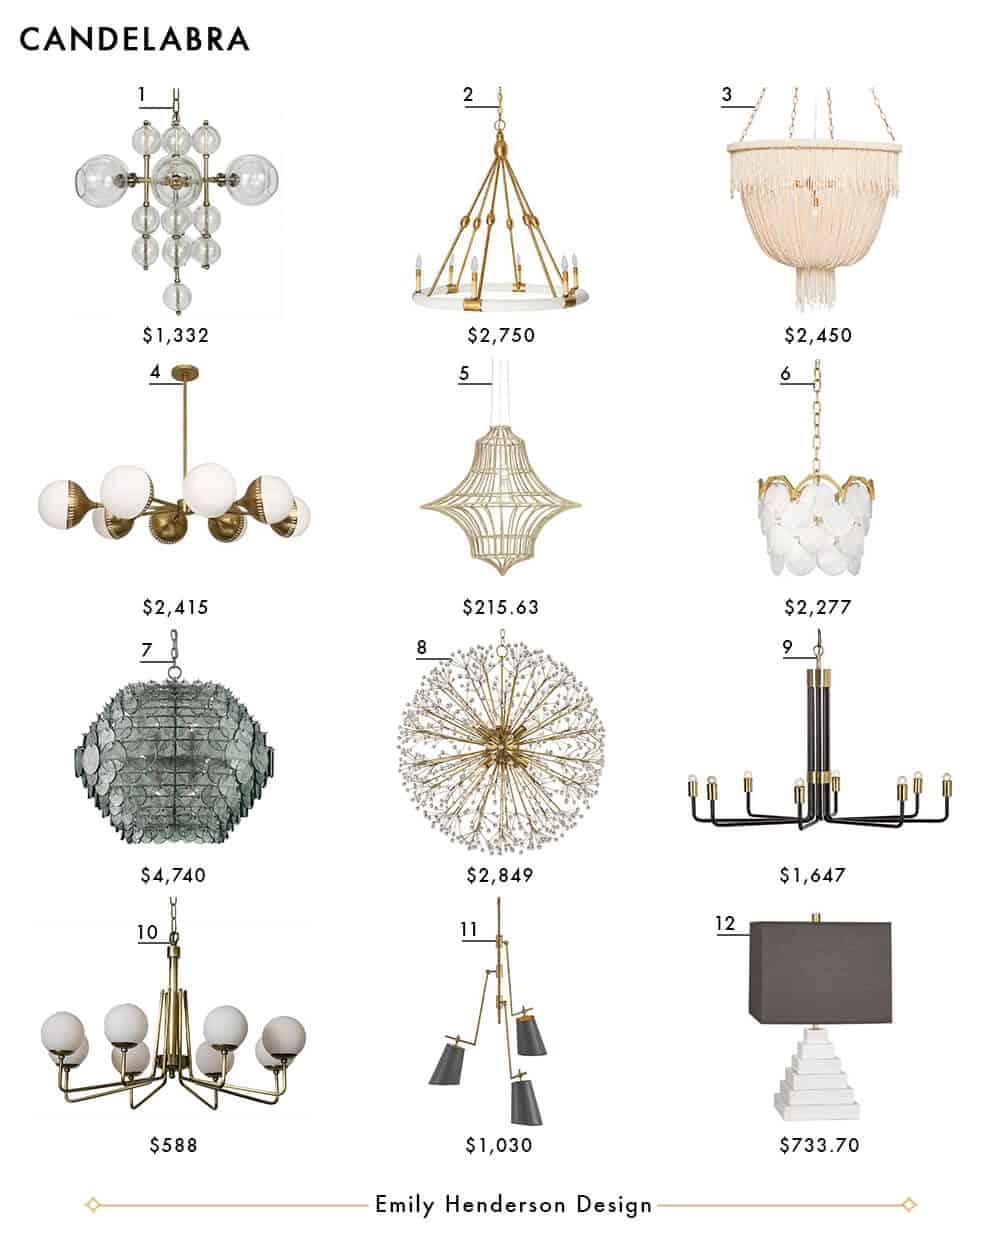 Candelabra Emily Henderson Design Lighting Roundup